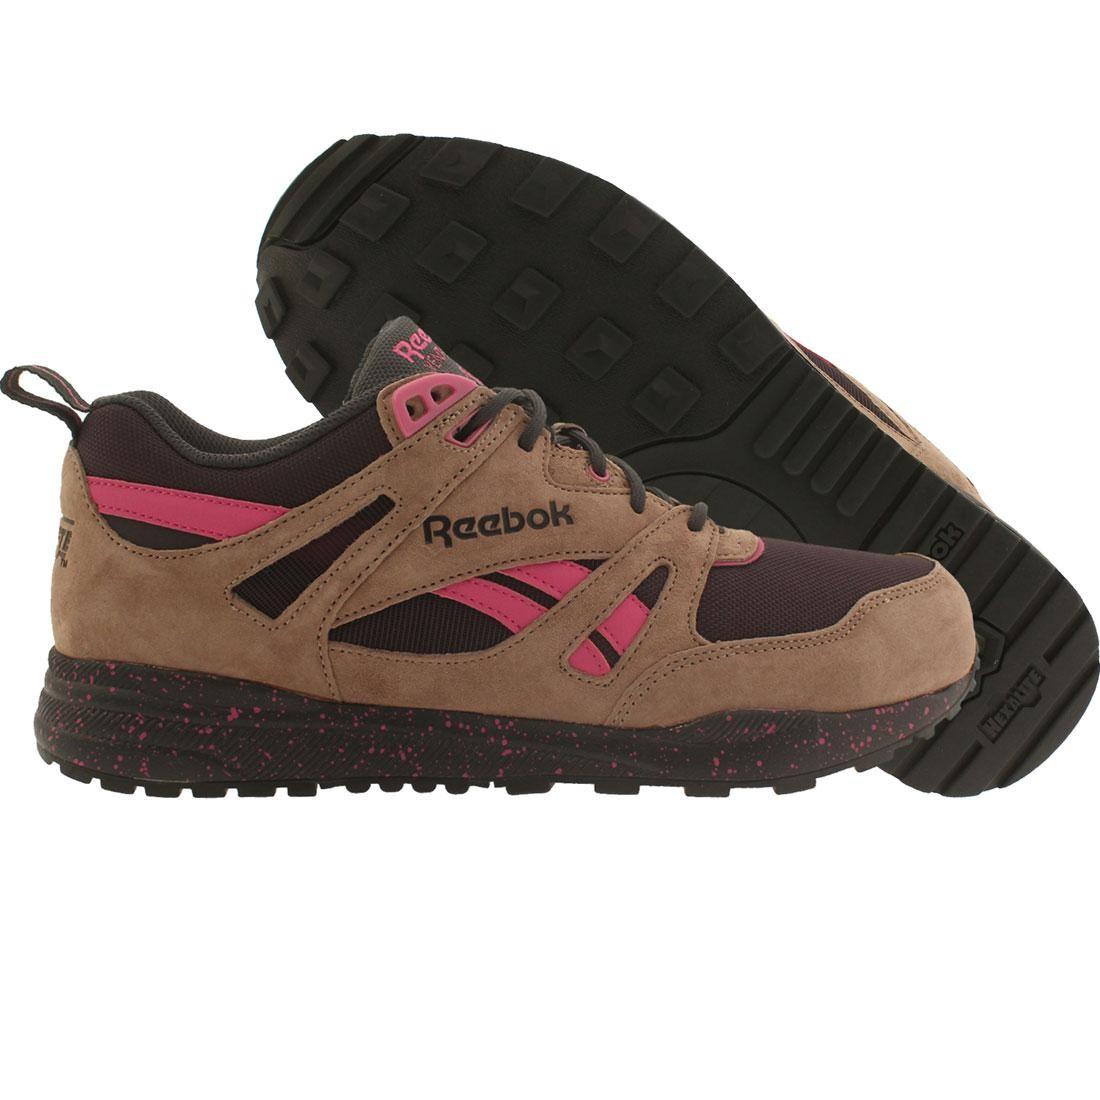 【海外限定】リーボック ナイト 紫 バイオレット メンズ靴 靴 【 REEBOK MEN VENTILATOR EXP BROWN TAUPE NIGHT VIOLET GRAVEL CHARGED PINK 】